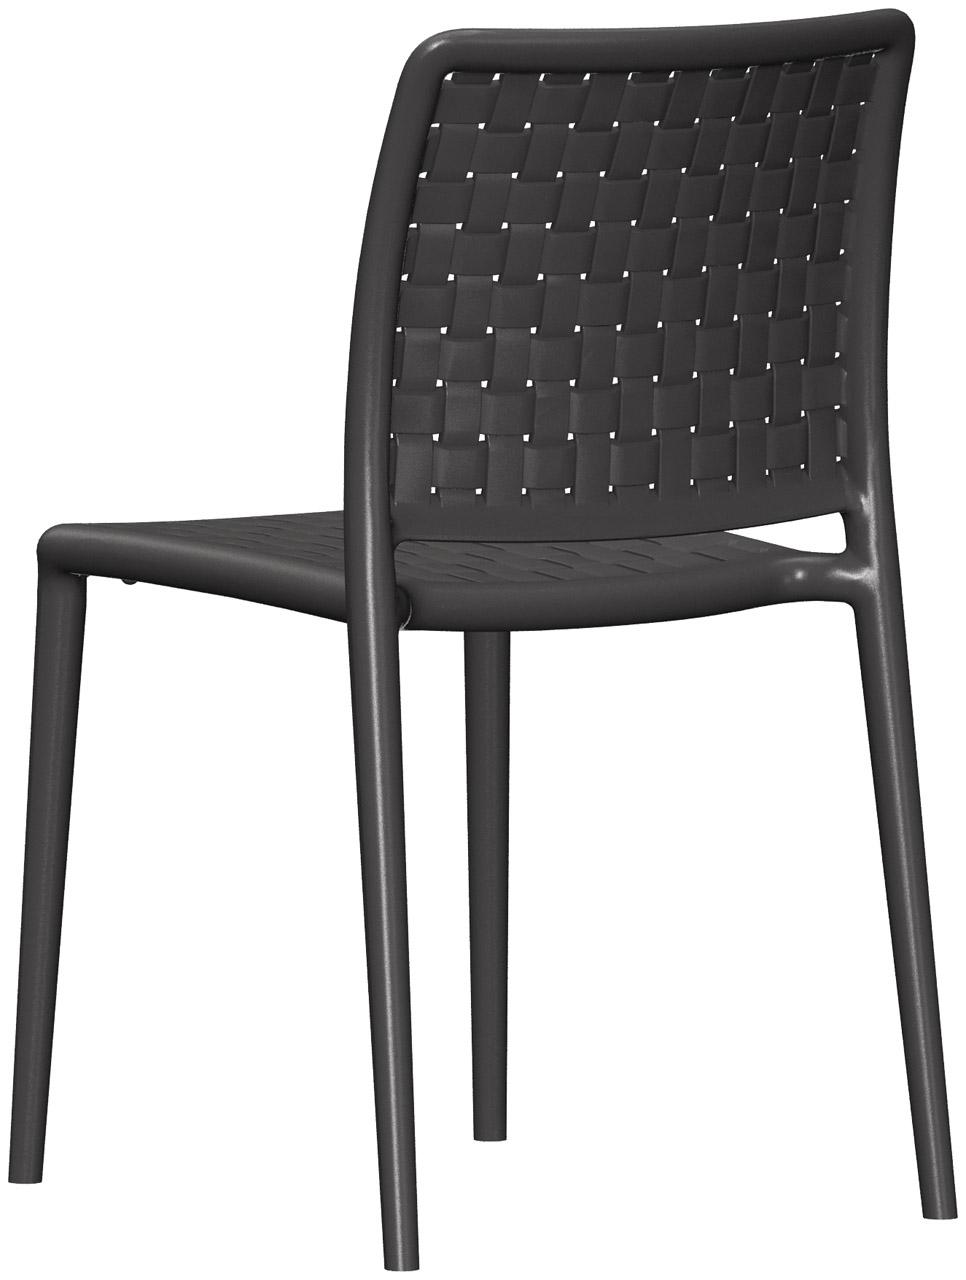 Abbildung Stuhl Joto Schrägansicht